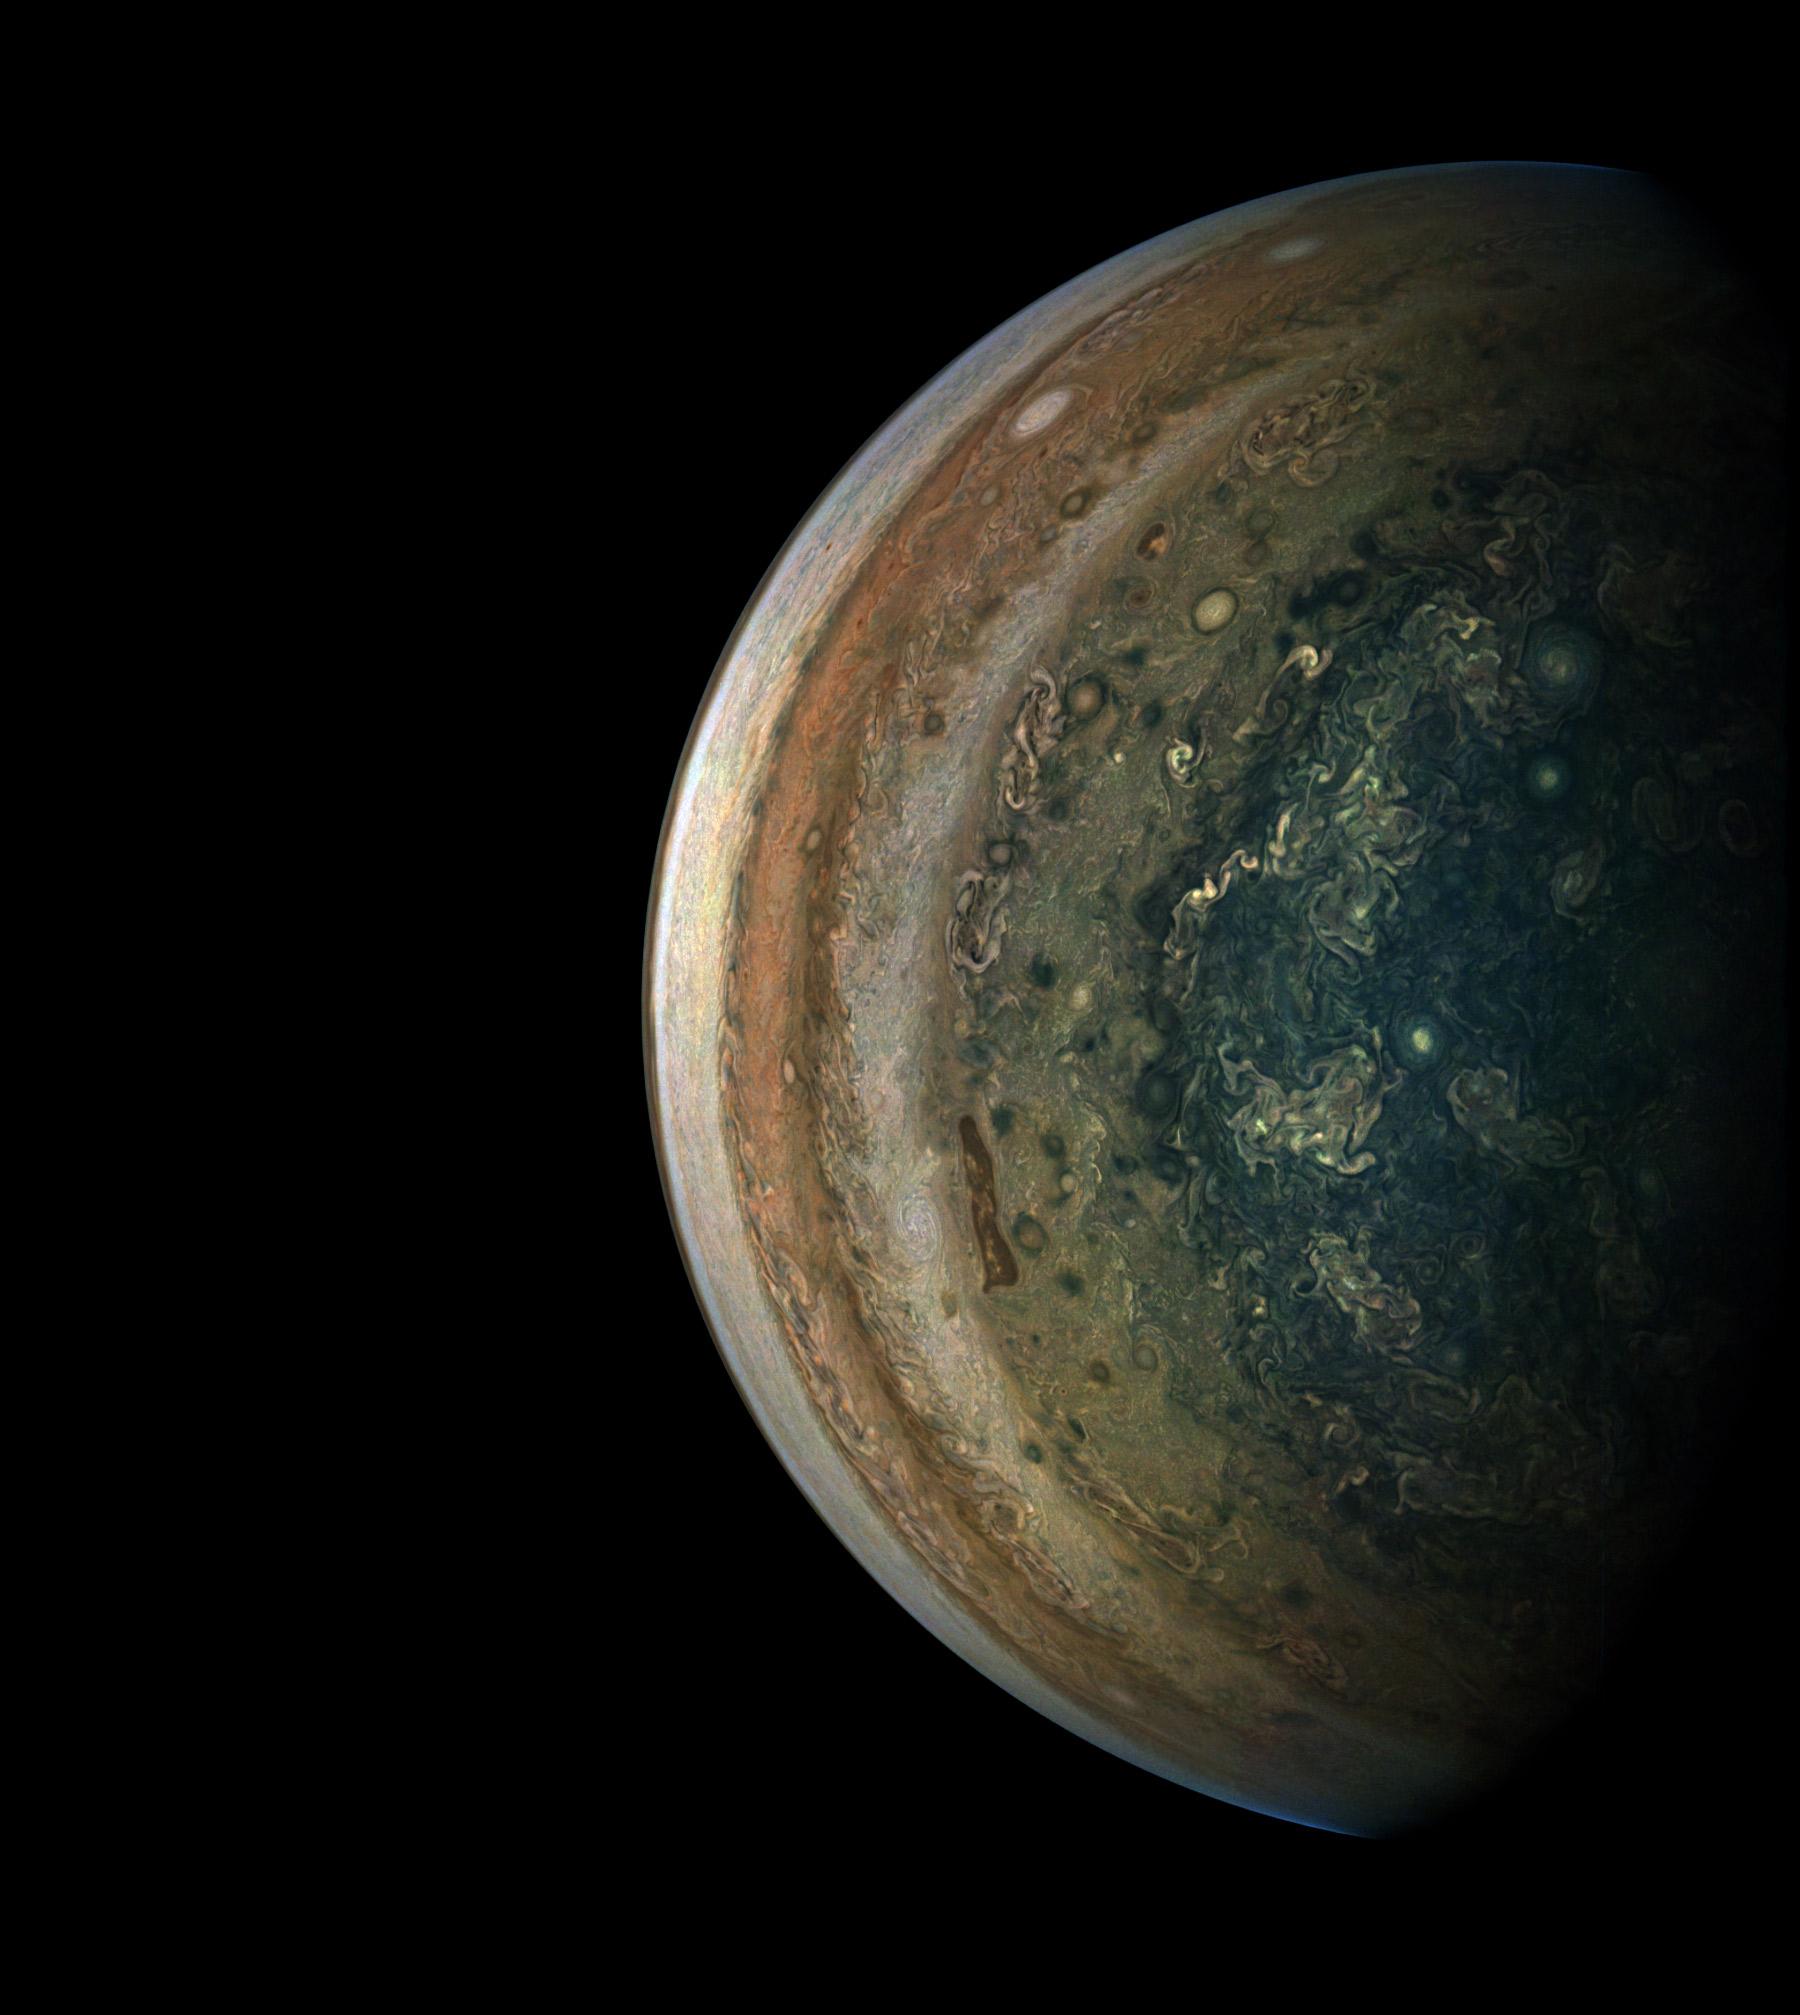 Невероятные фотографии атмосферы Юпитера 3